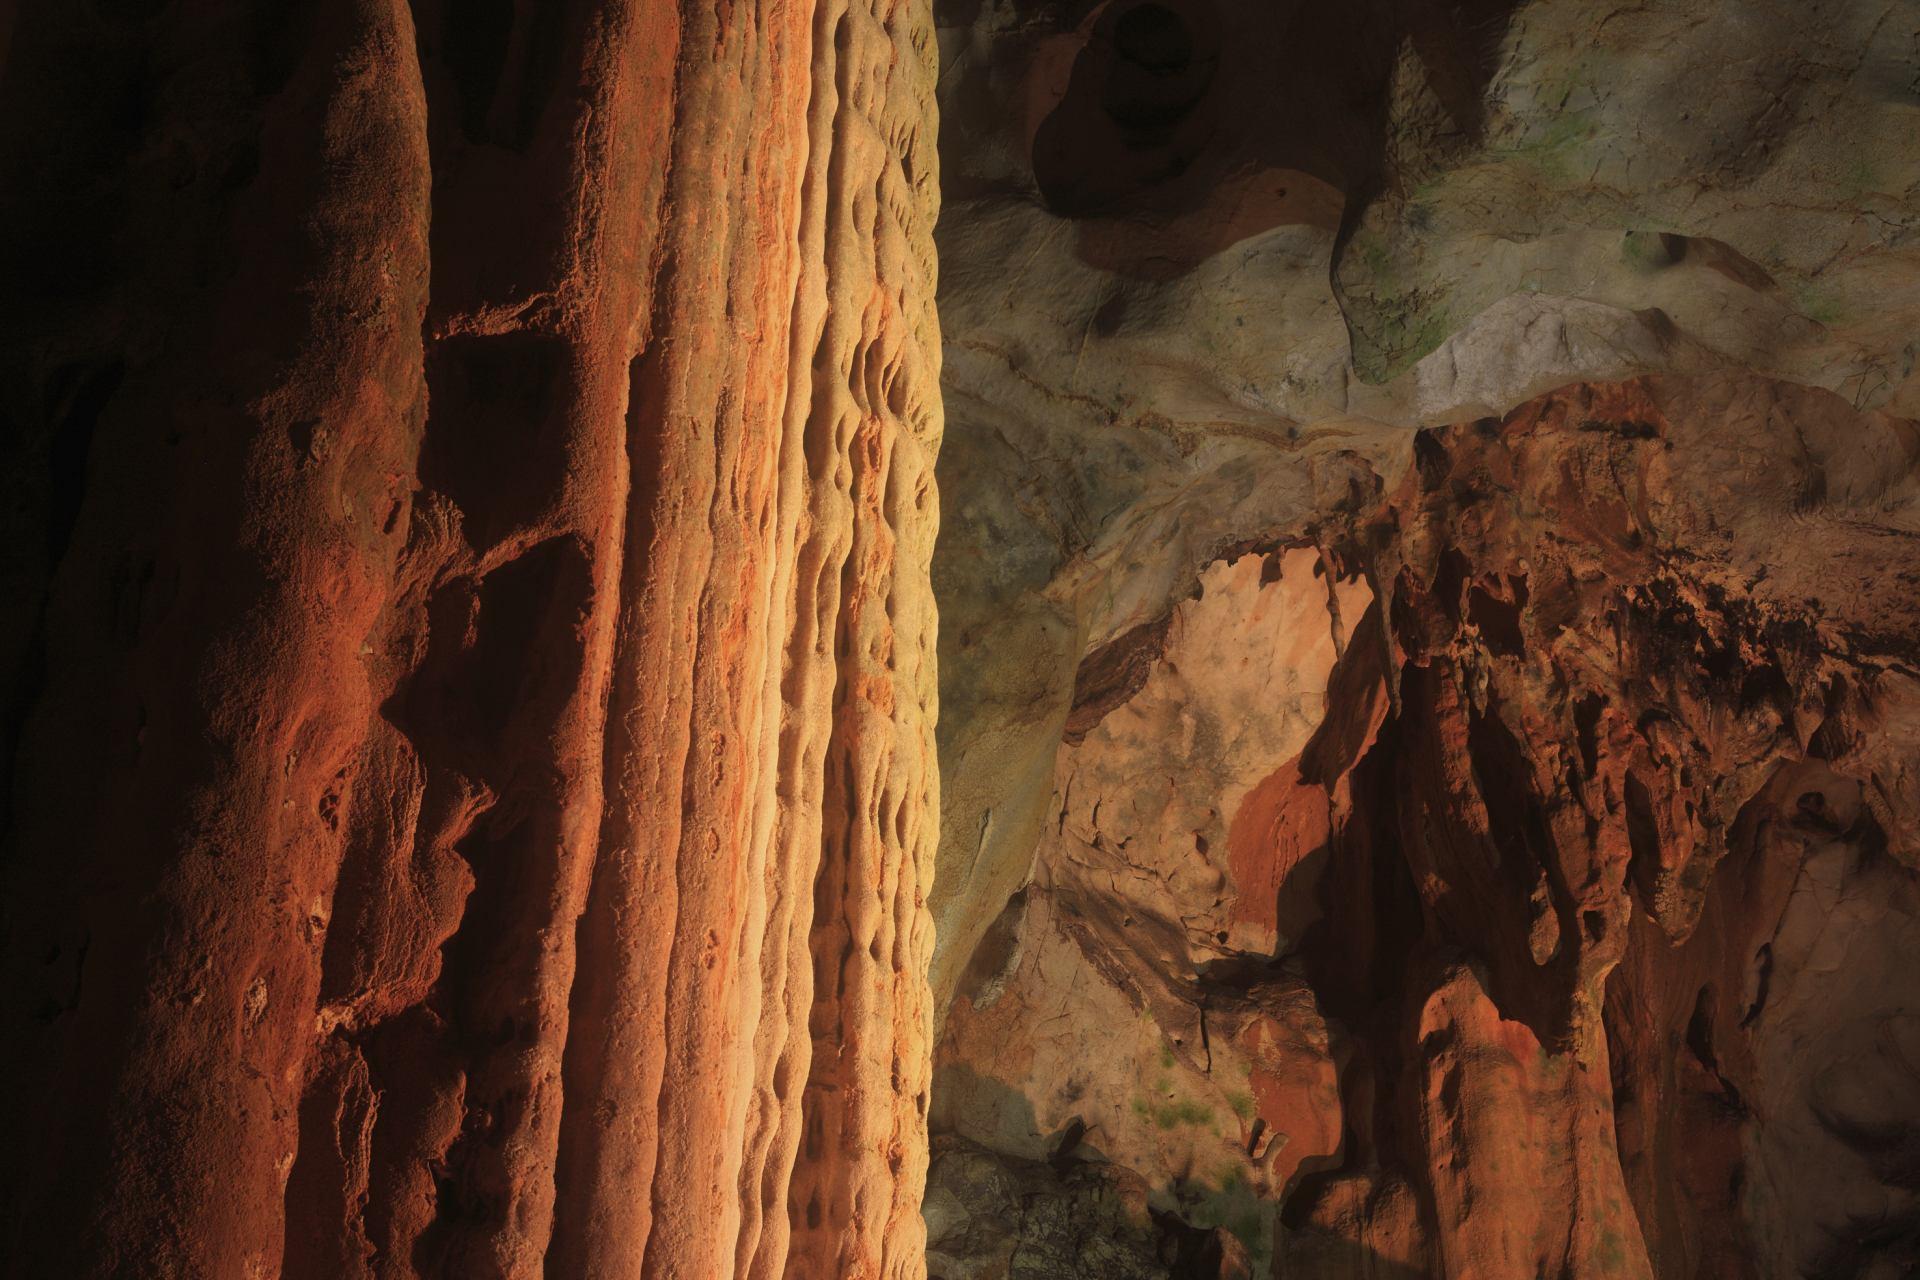 秋吉洞、黄金柱、鍾乳石、流華石、大黑柱、象徵